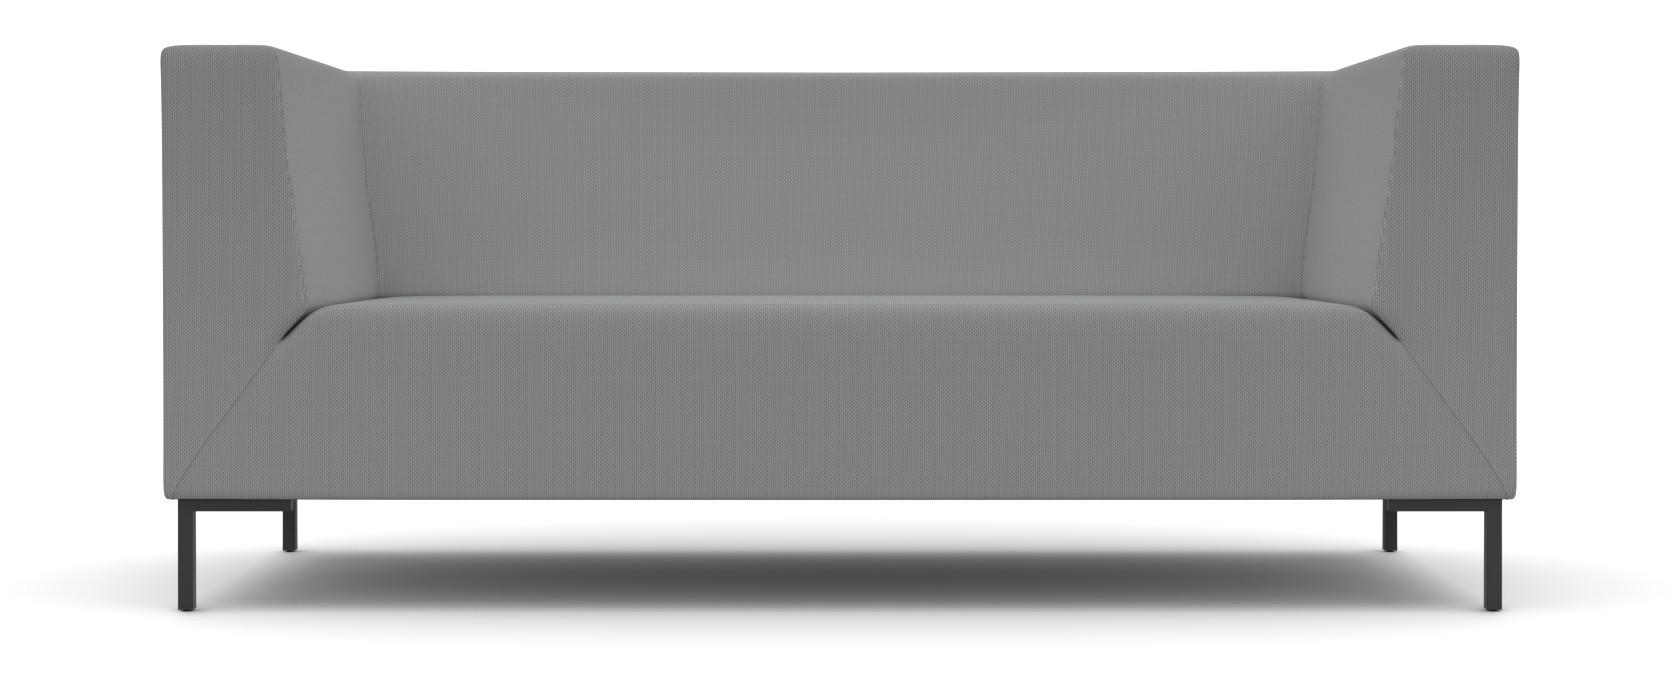 2-Sitzer Sofa Bolzano Club